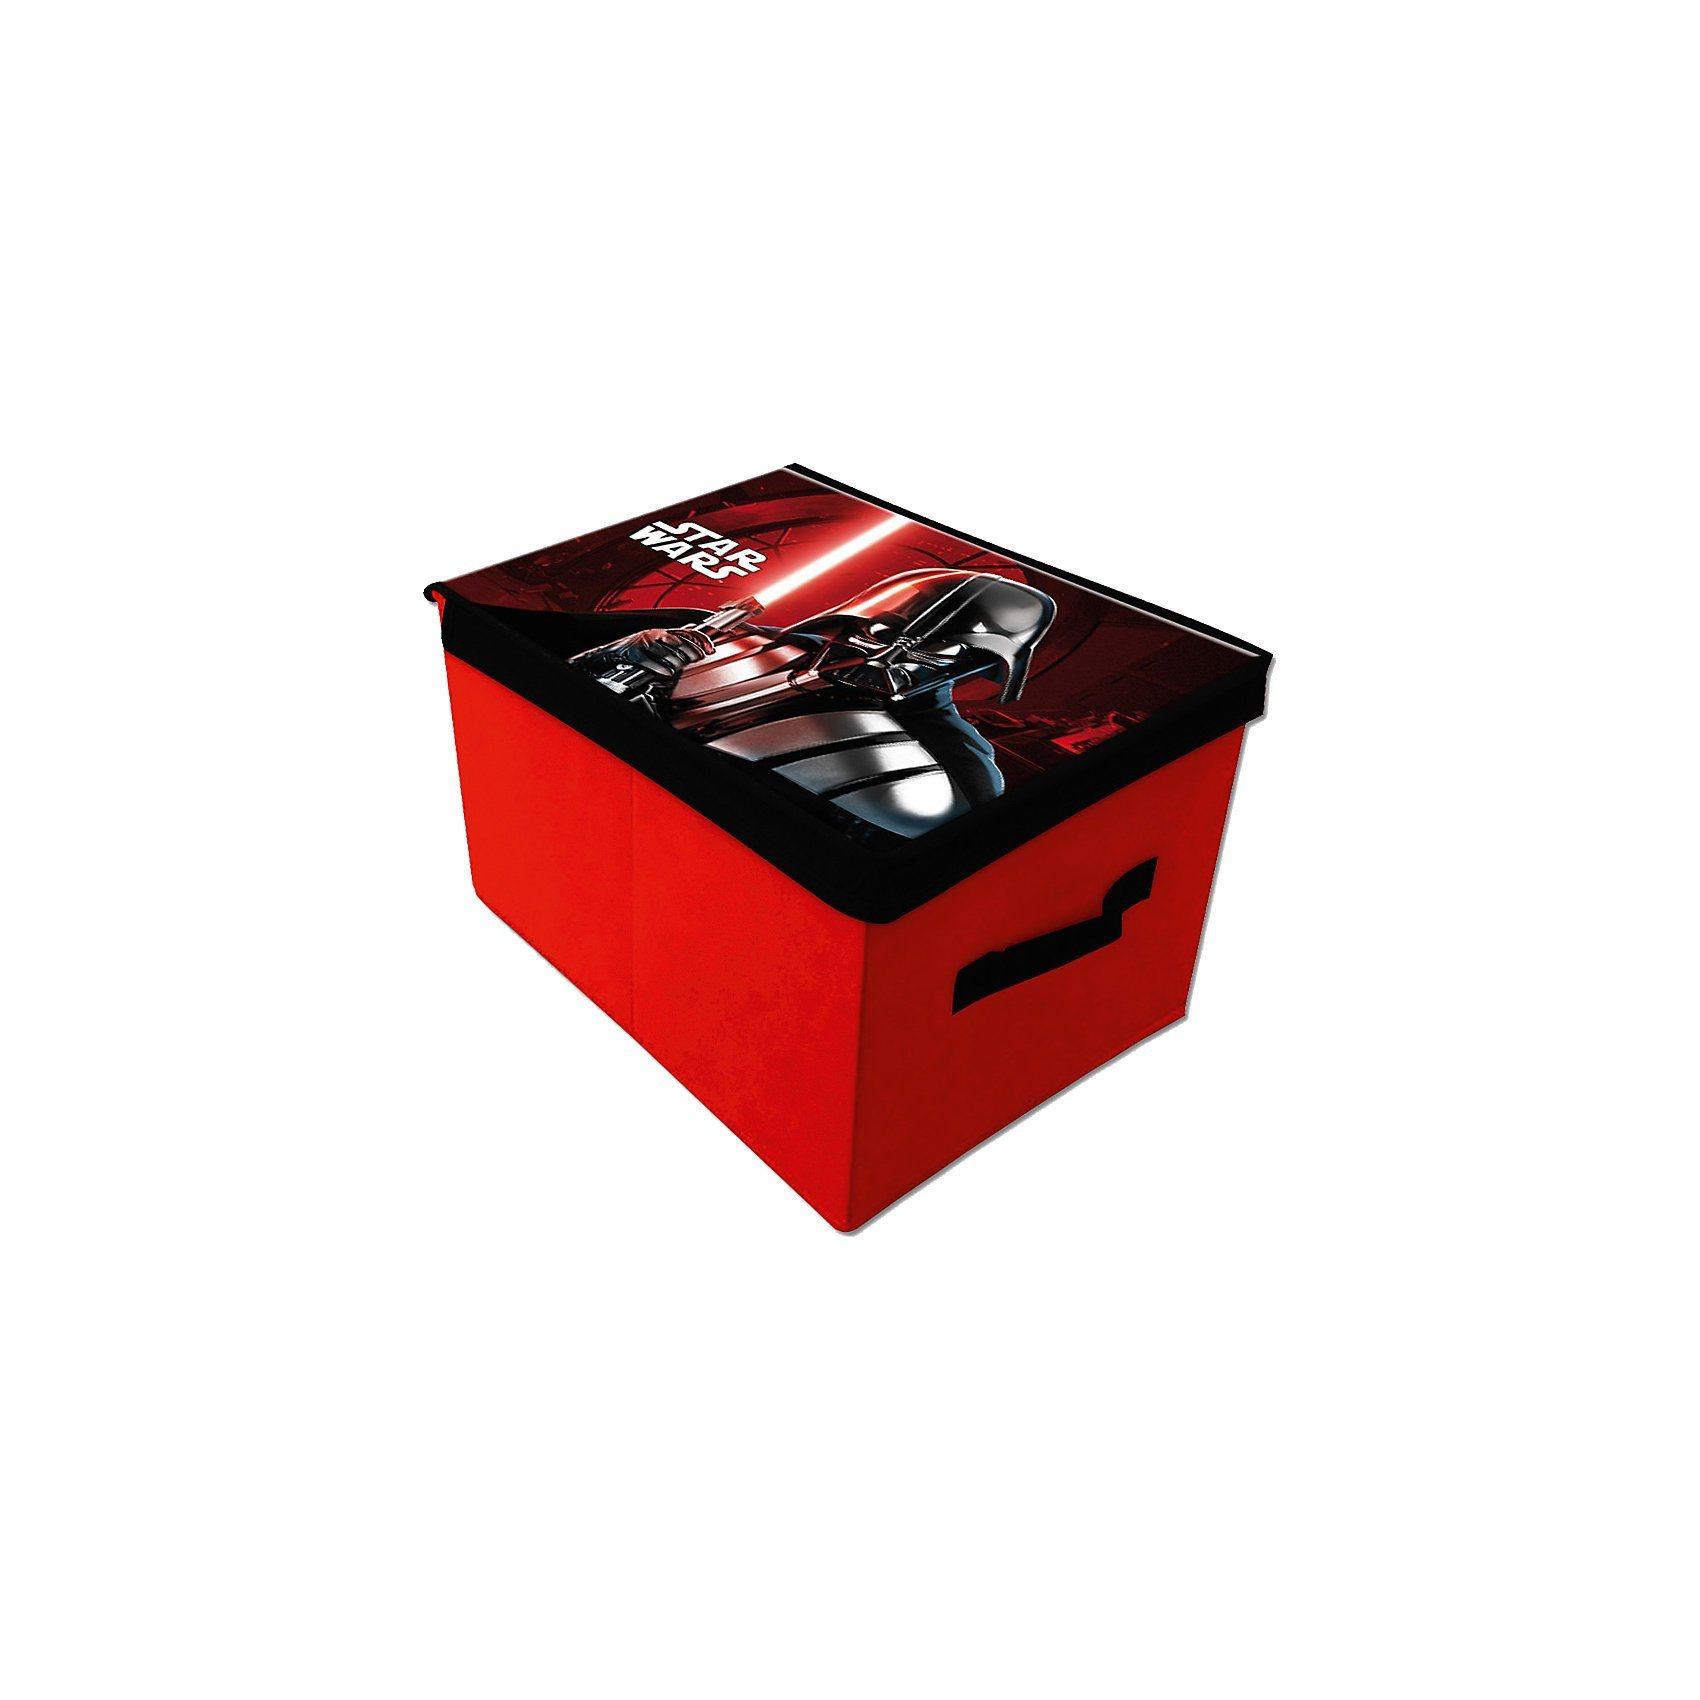 Aufbewahrungsbox Star Wars, 40 x 30 cm | Dekoration > Aufbewahrung und Ordnung > Kästchen | Polyester - Mdf